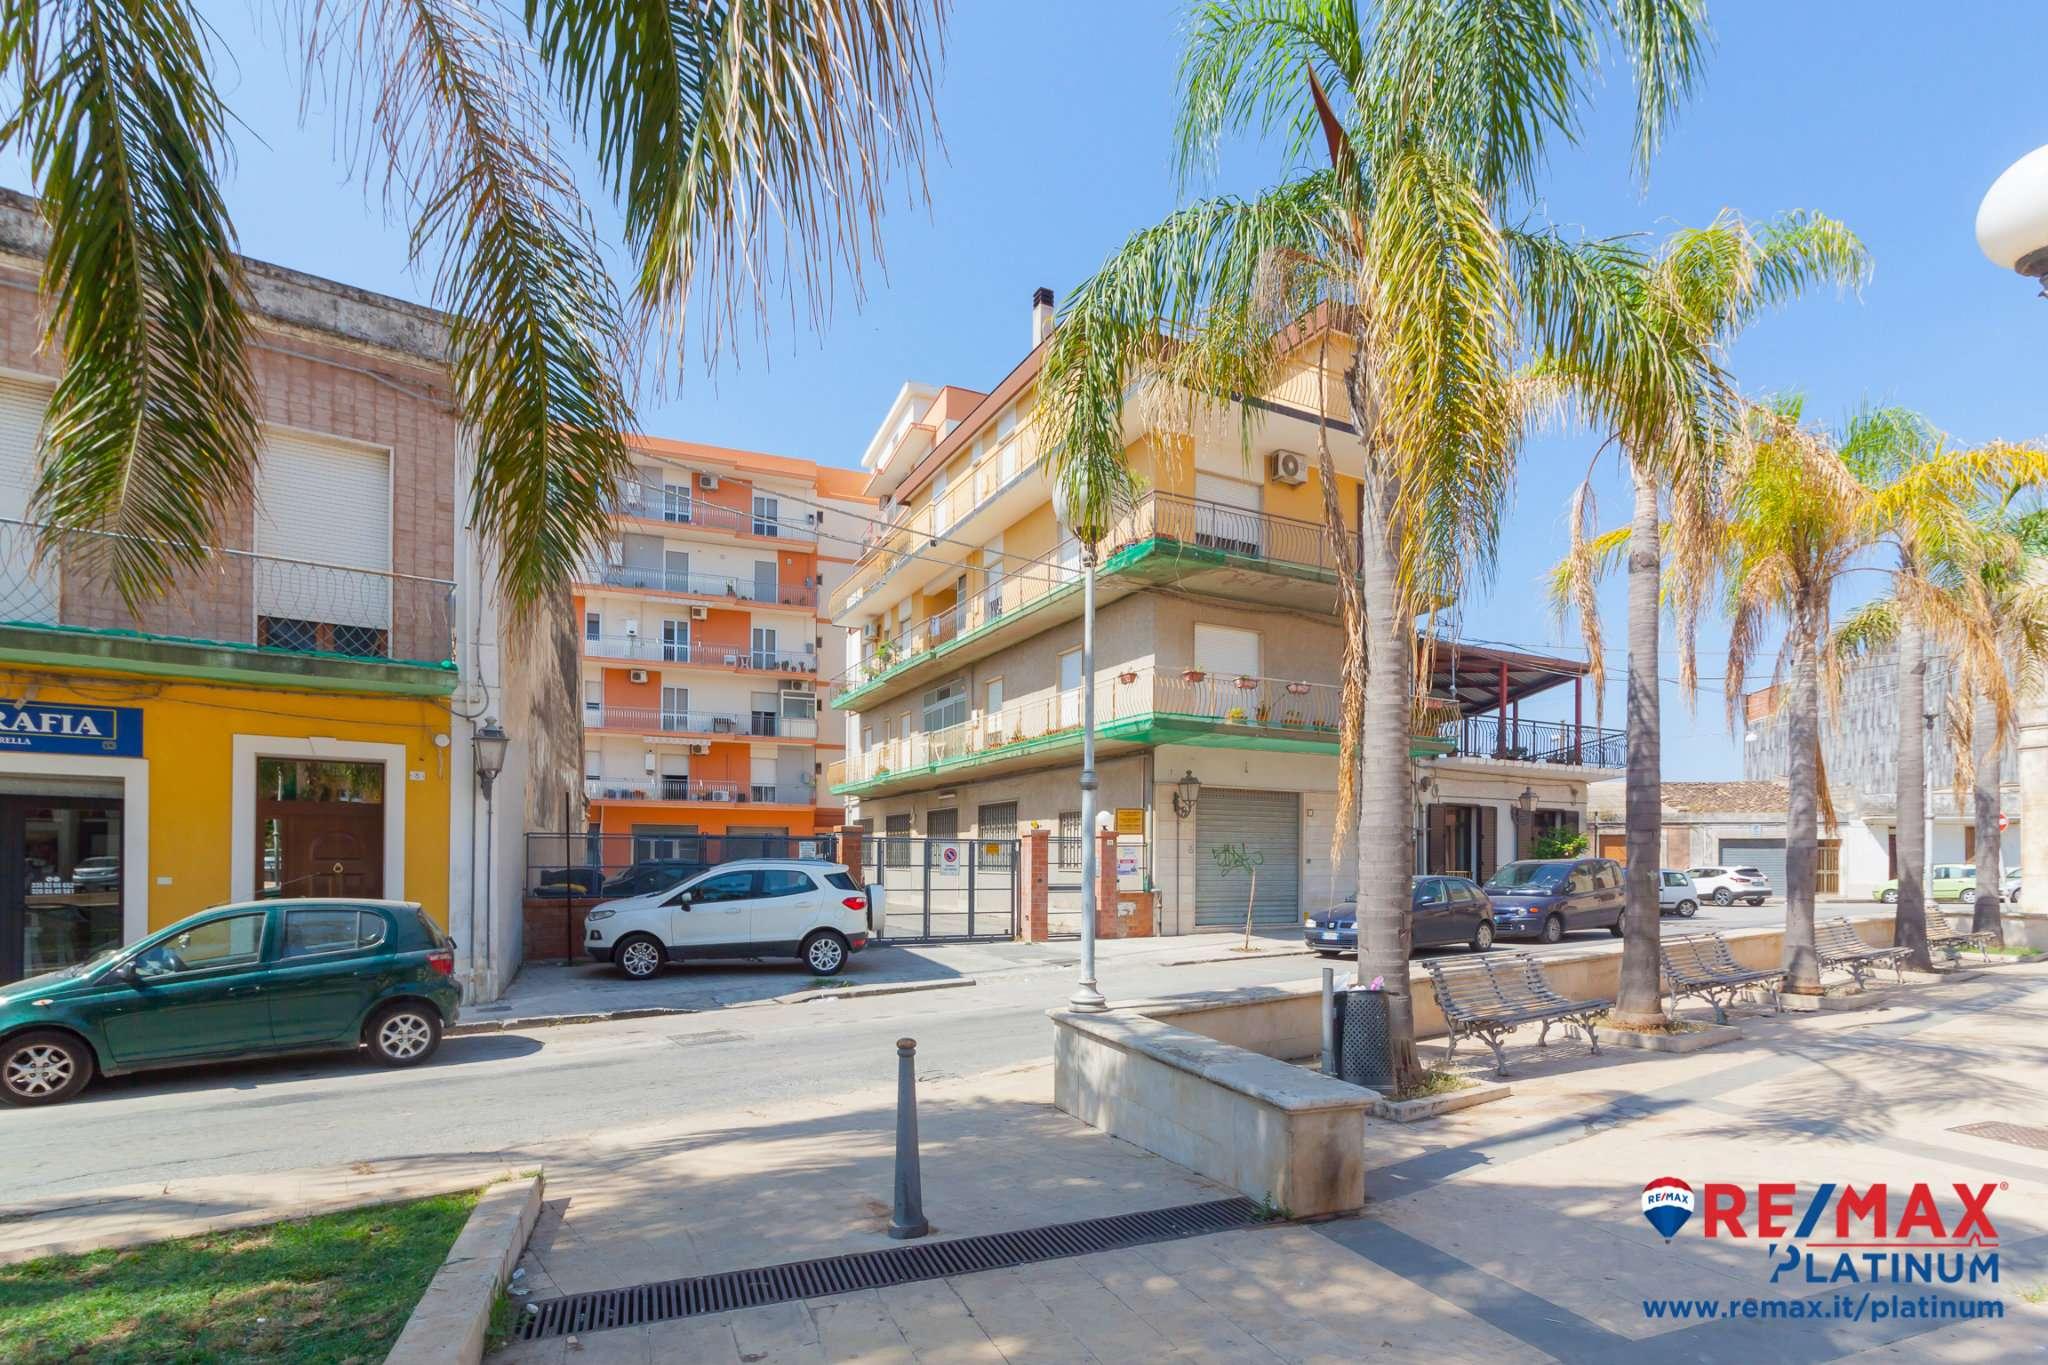 Attico / Mansarda in vendita a Floridia, 3 locali, prezzo € 55.000 | PortaleAgenzieImmobiliari.it